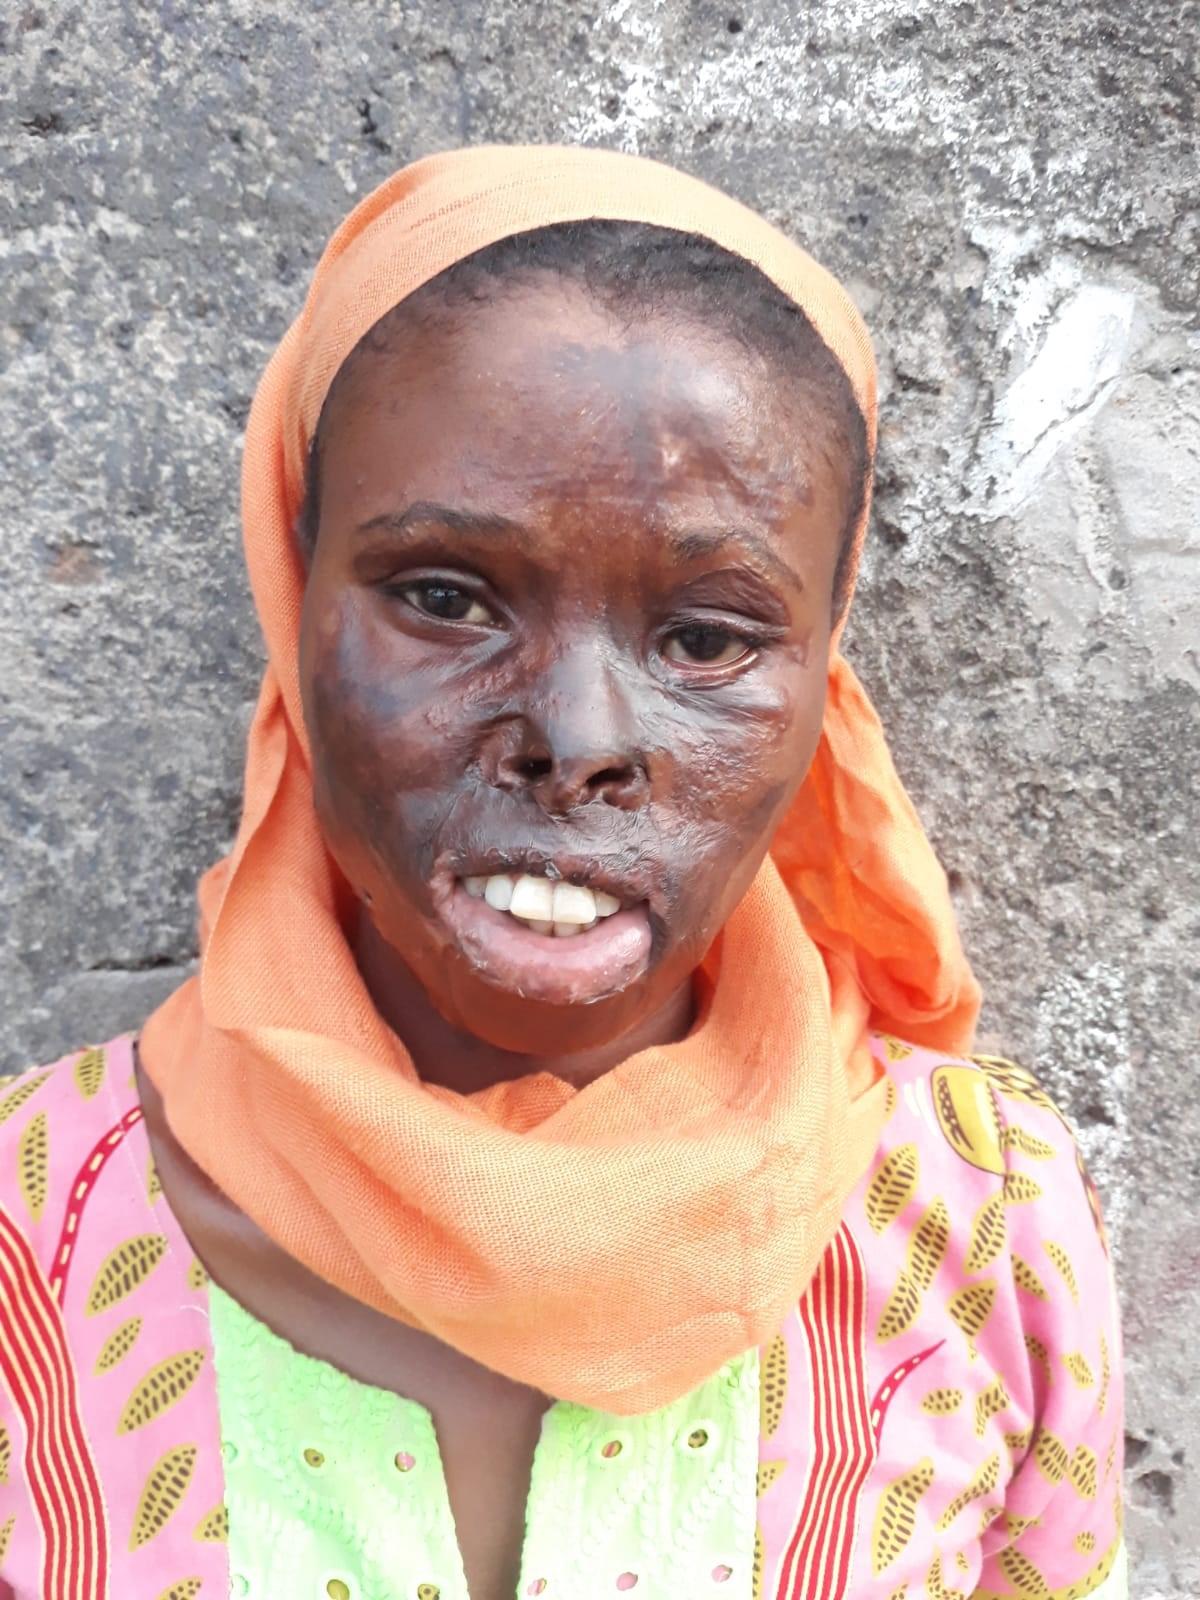 Künftige Patientin mit Verbrennungen im Gesicht